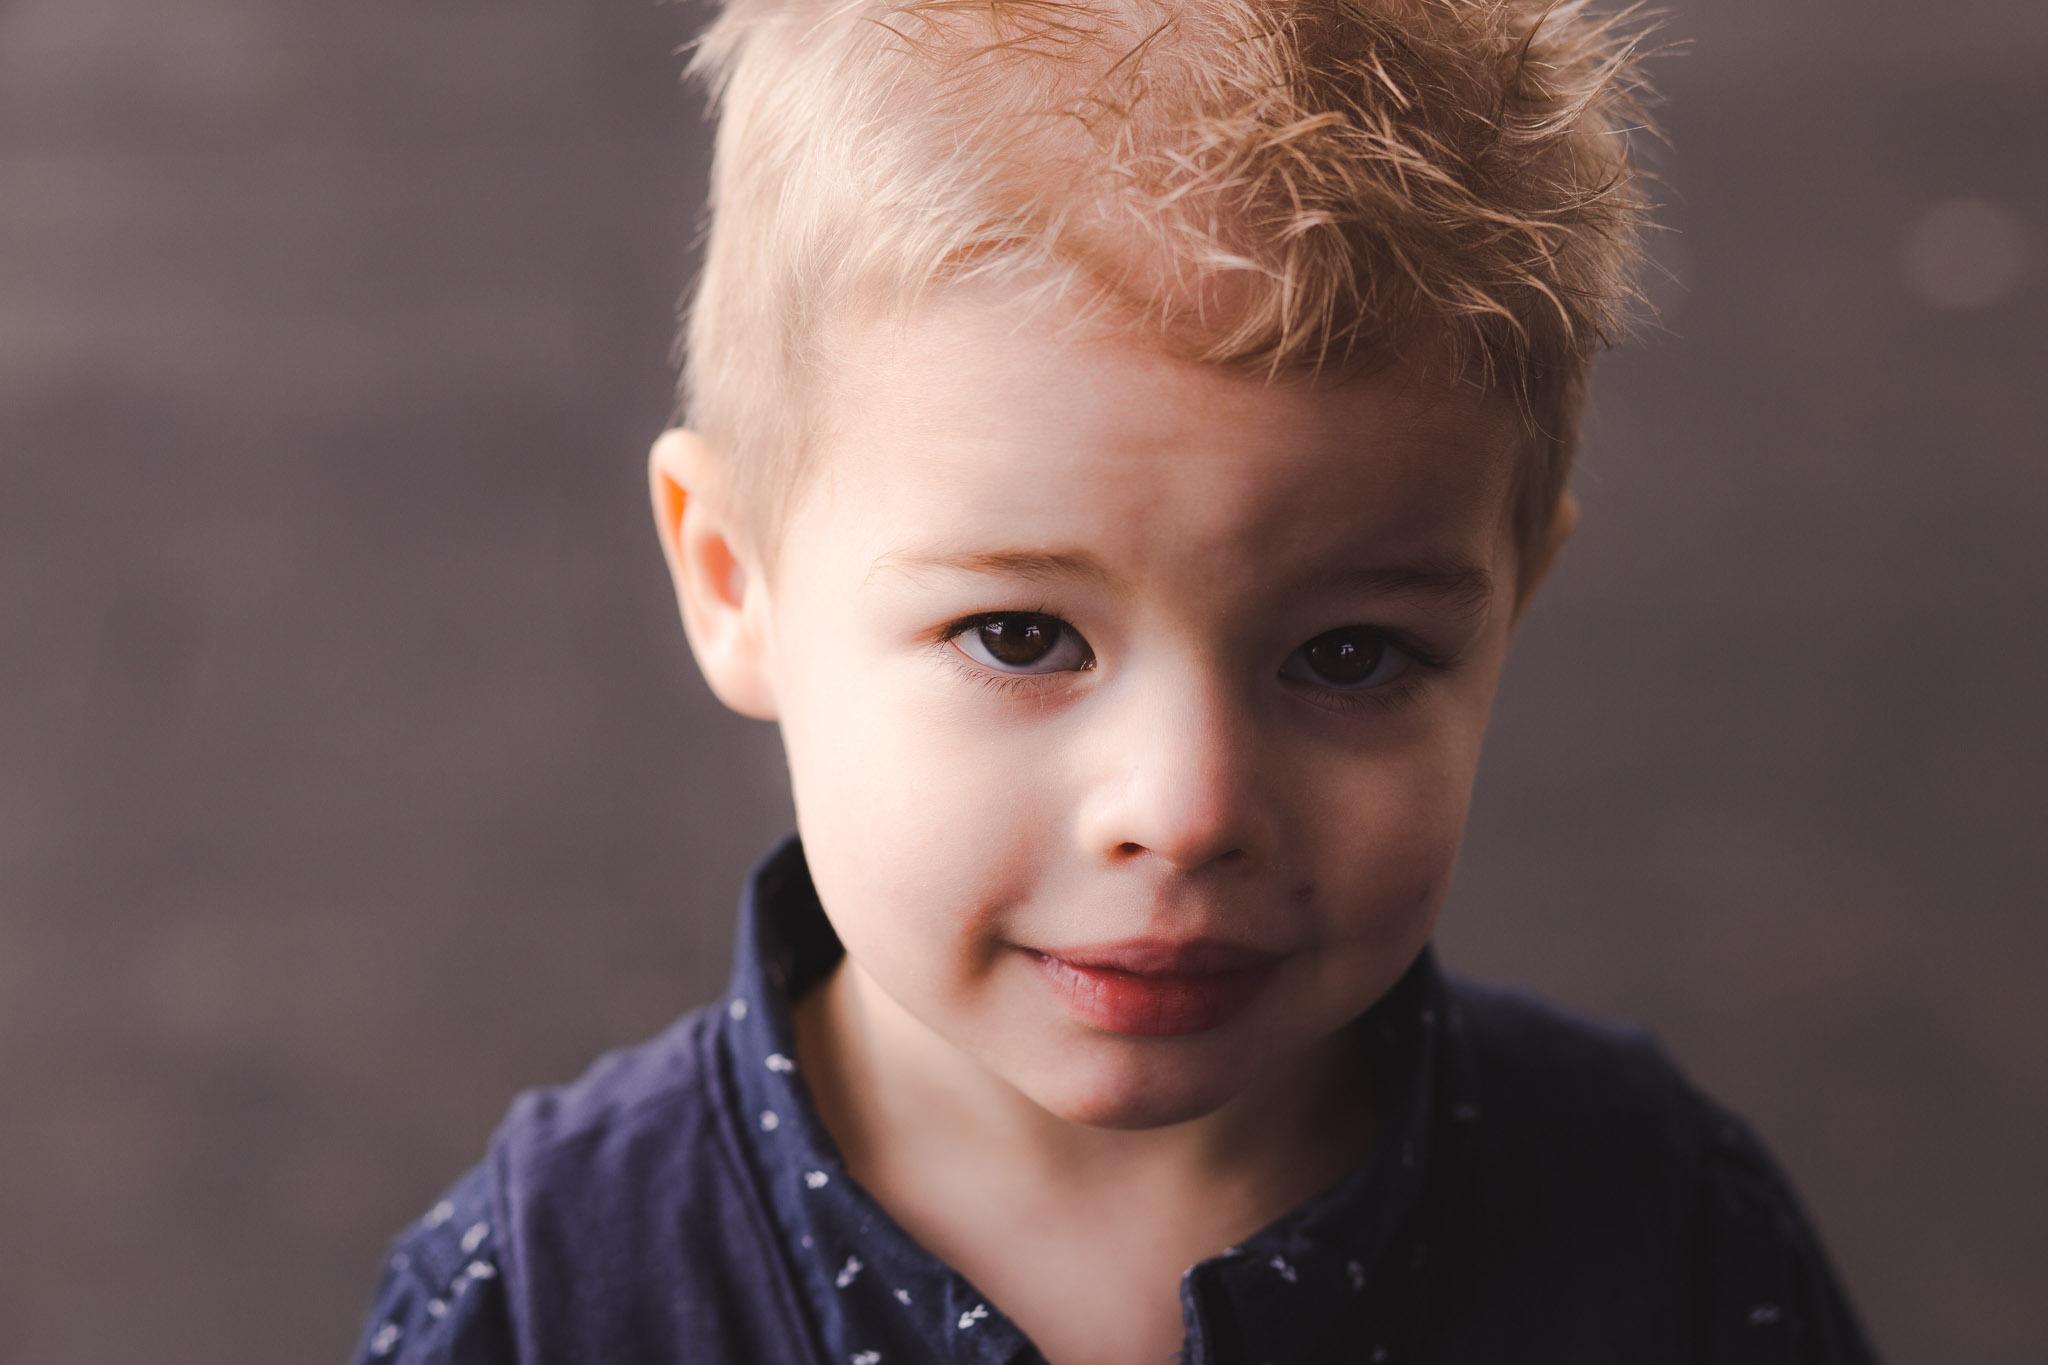 portret jongen veendam